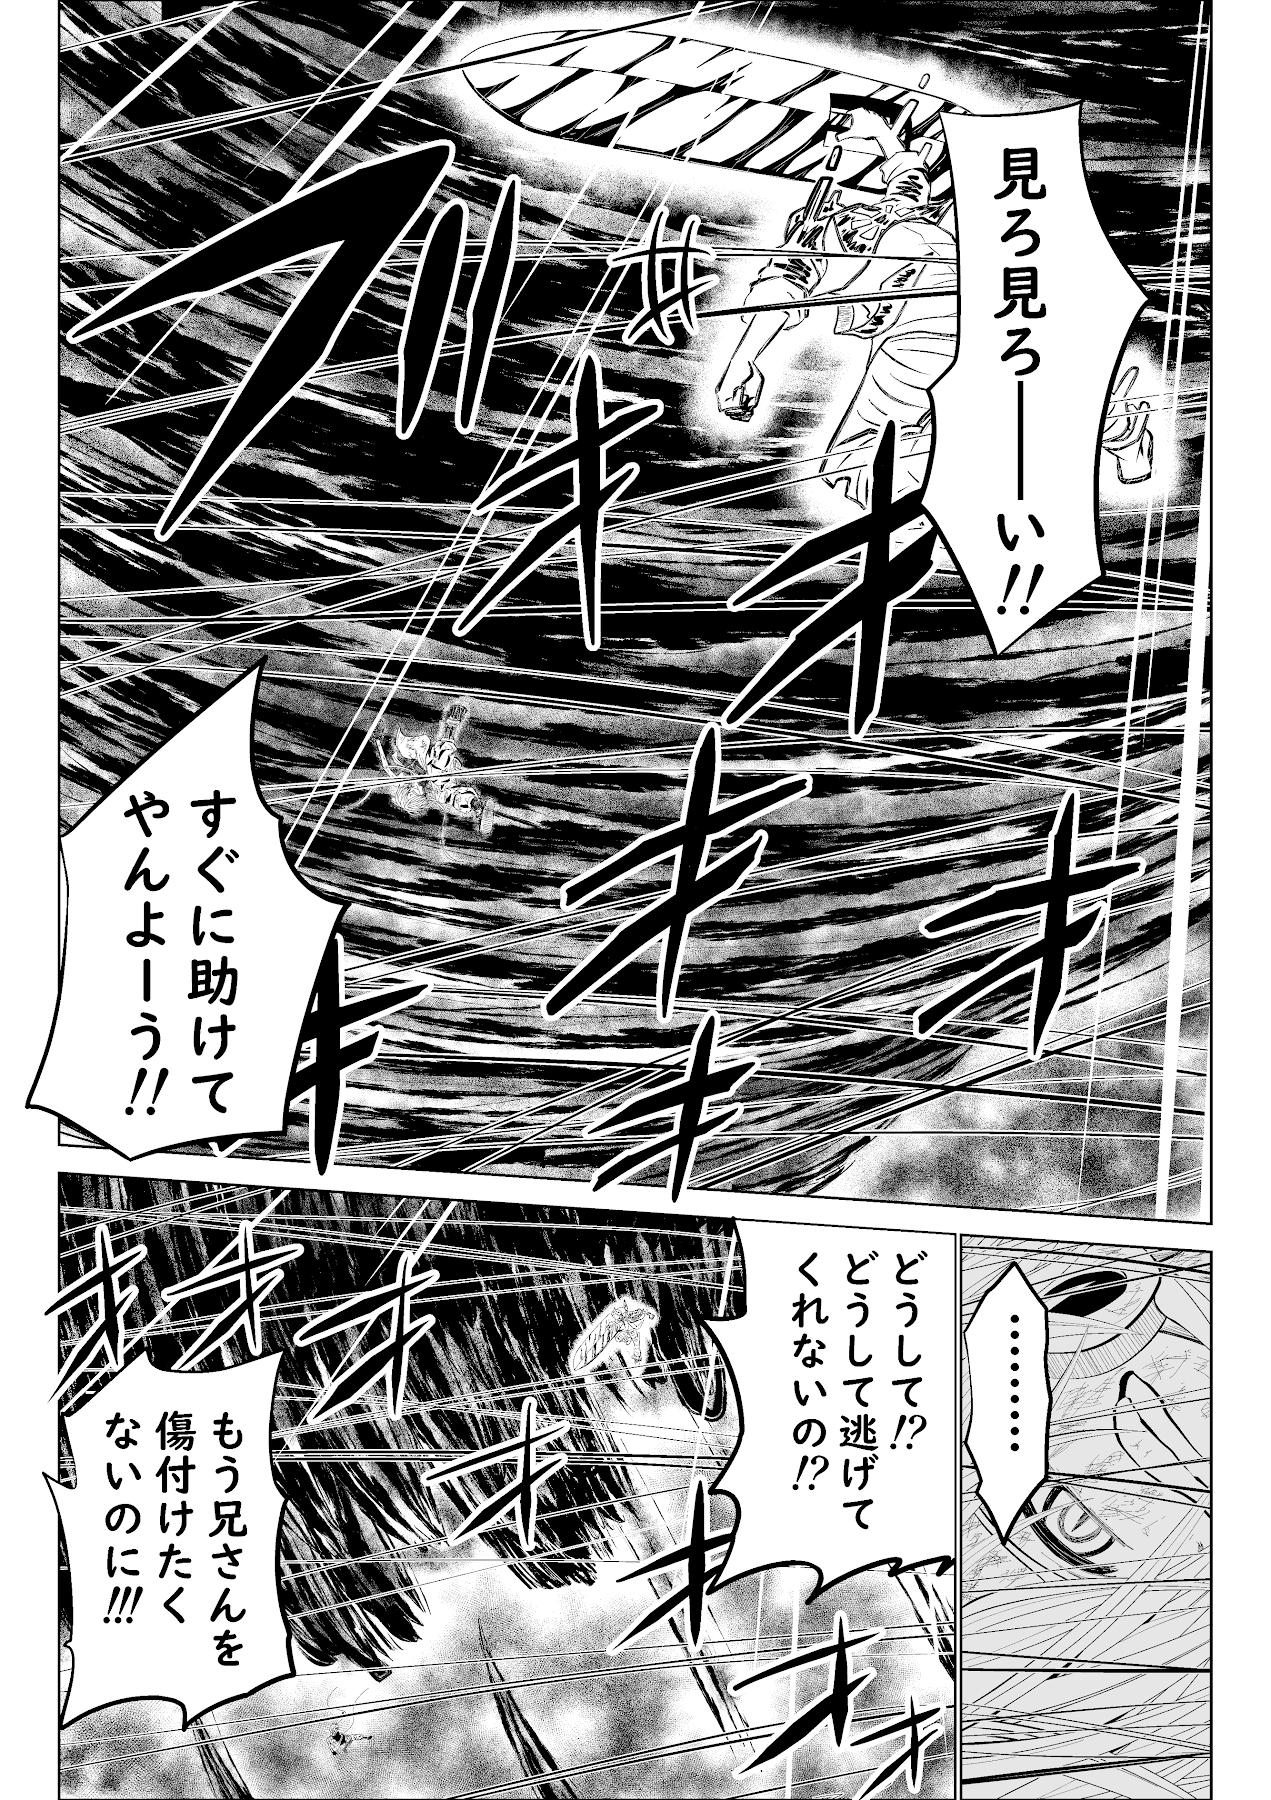 バリアス・サン12_12